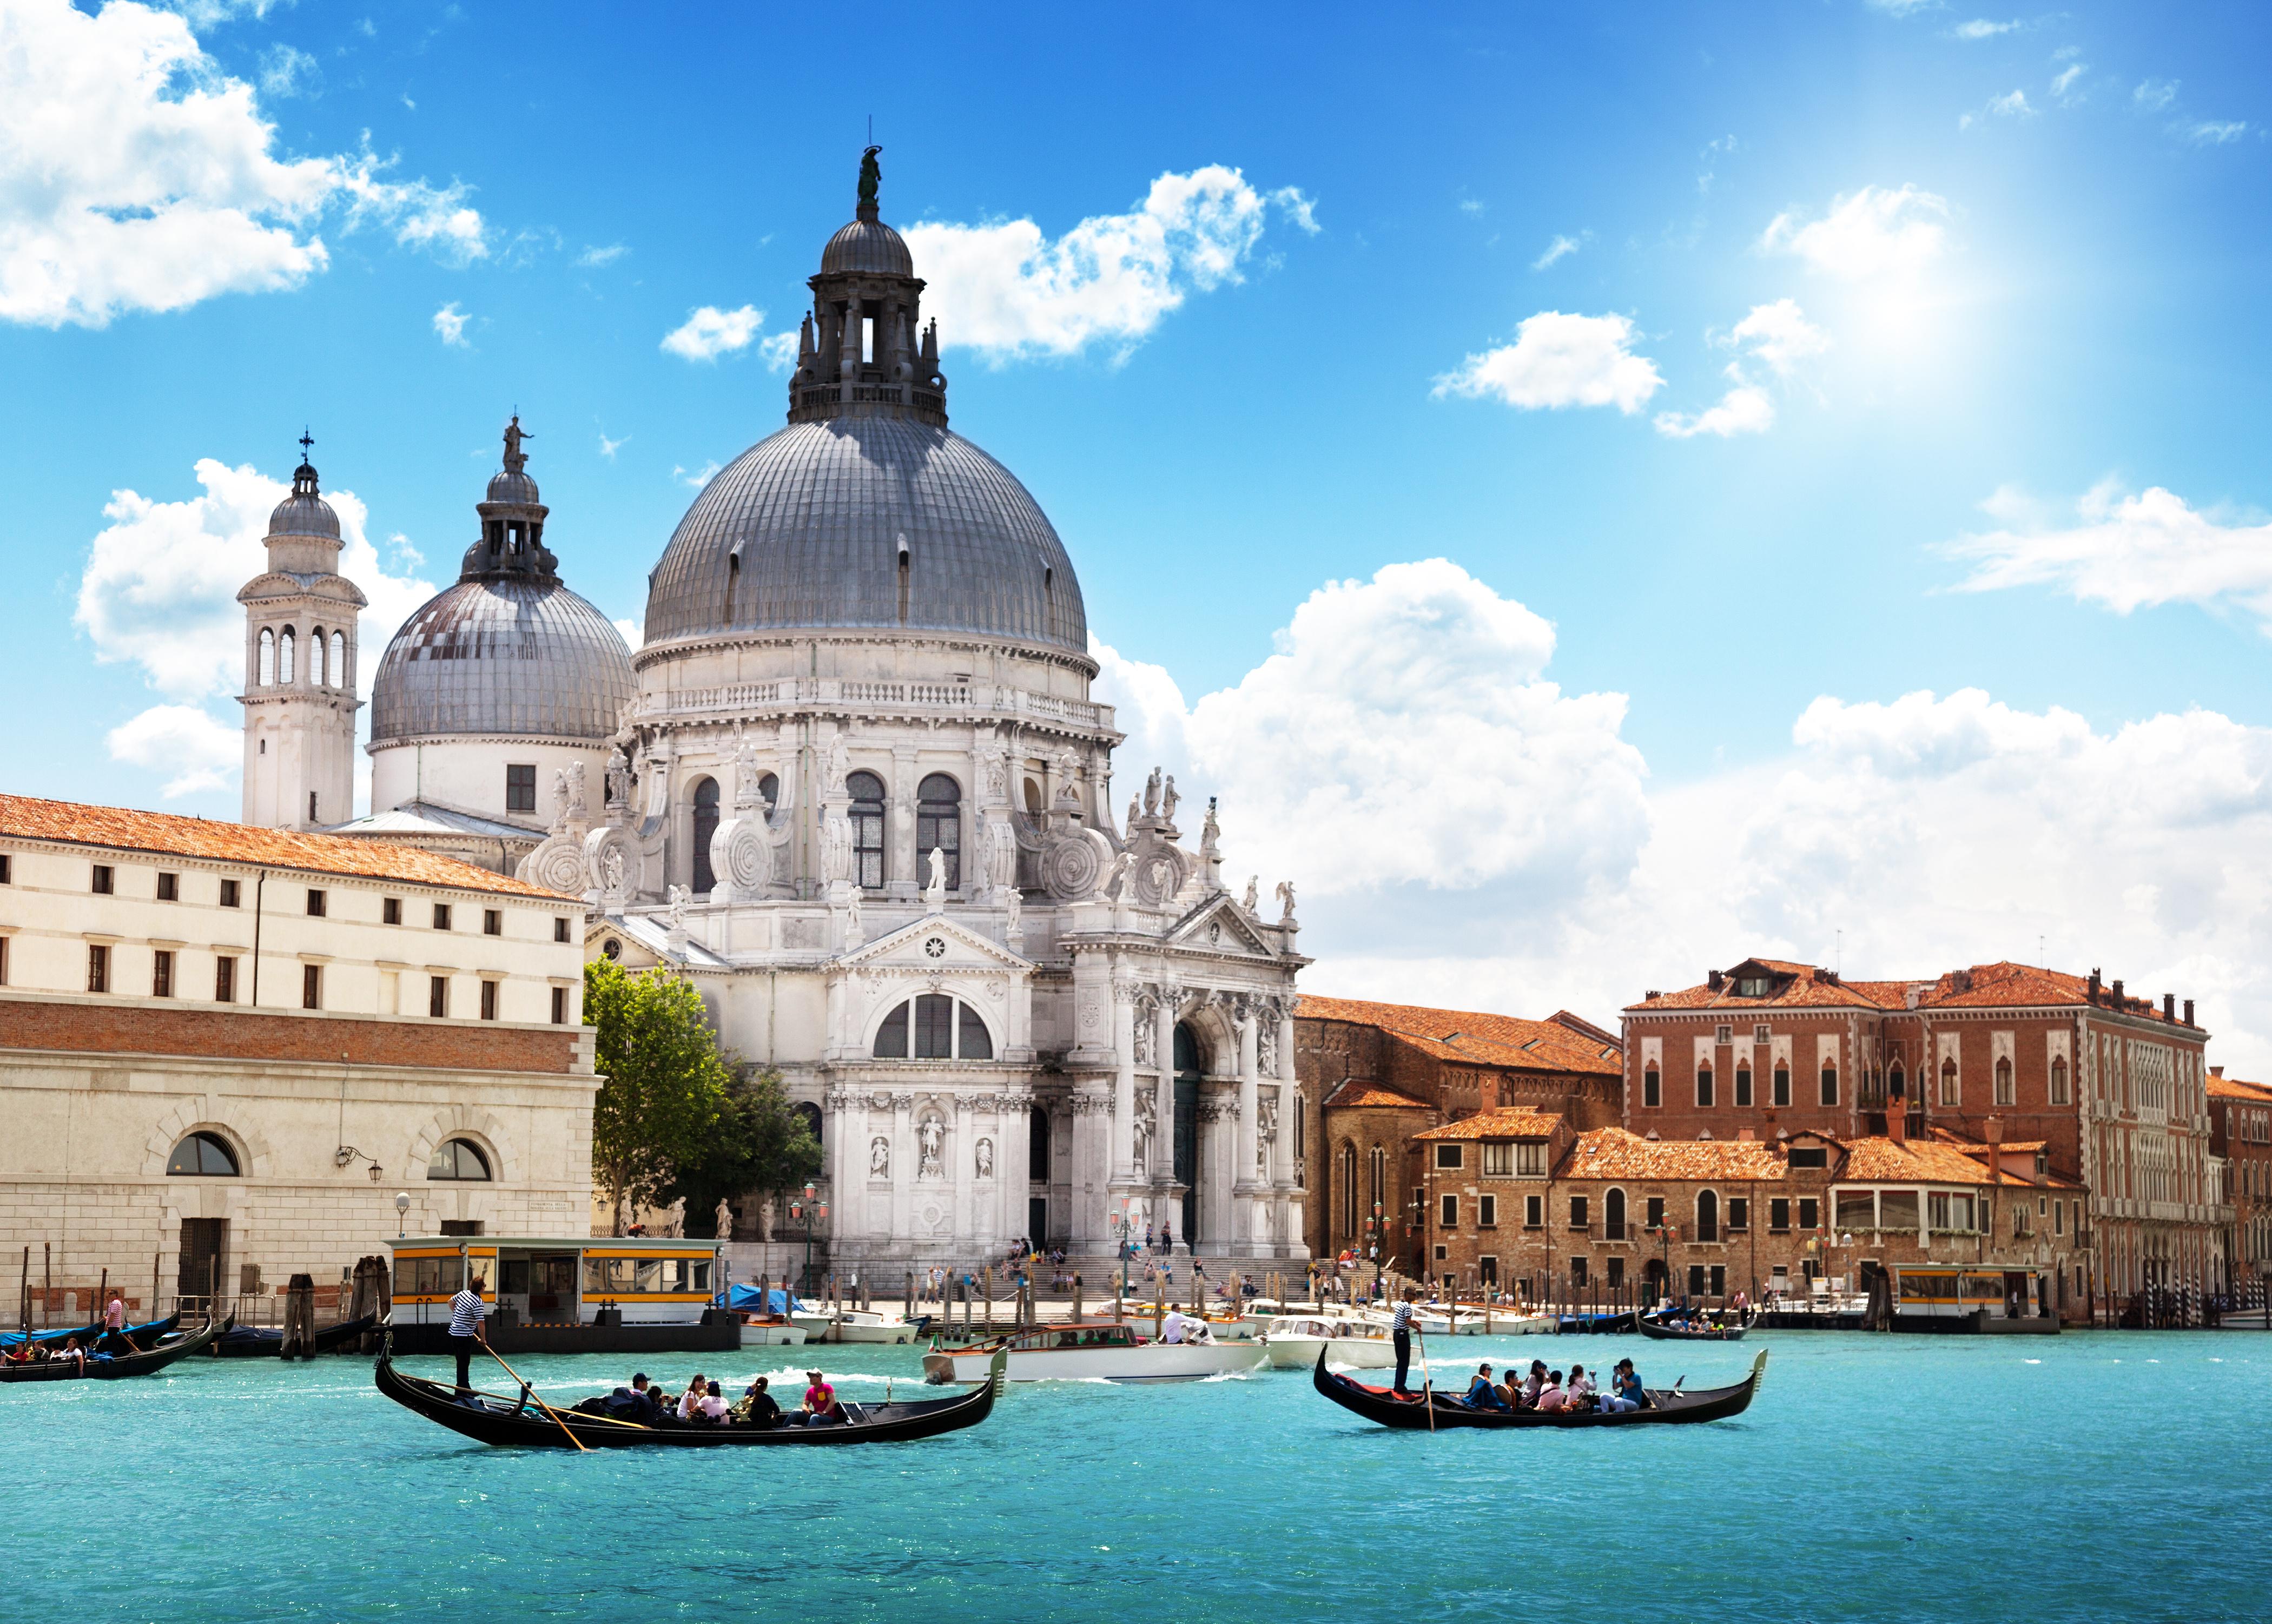 страны архитектура Италия Рим country architecture Italy Rome  № 285958 без смс